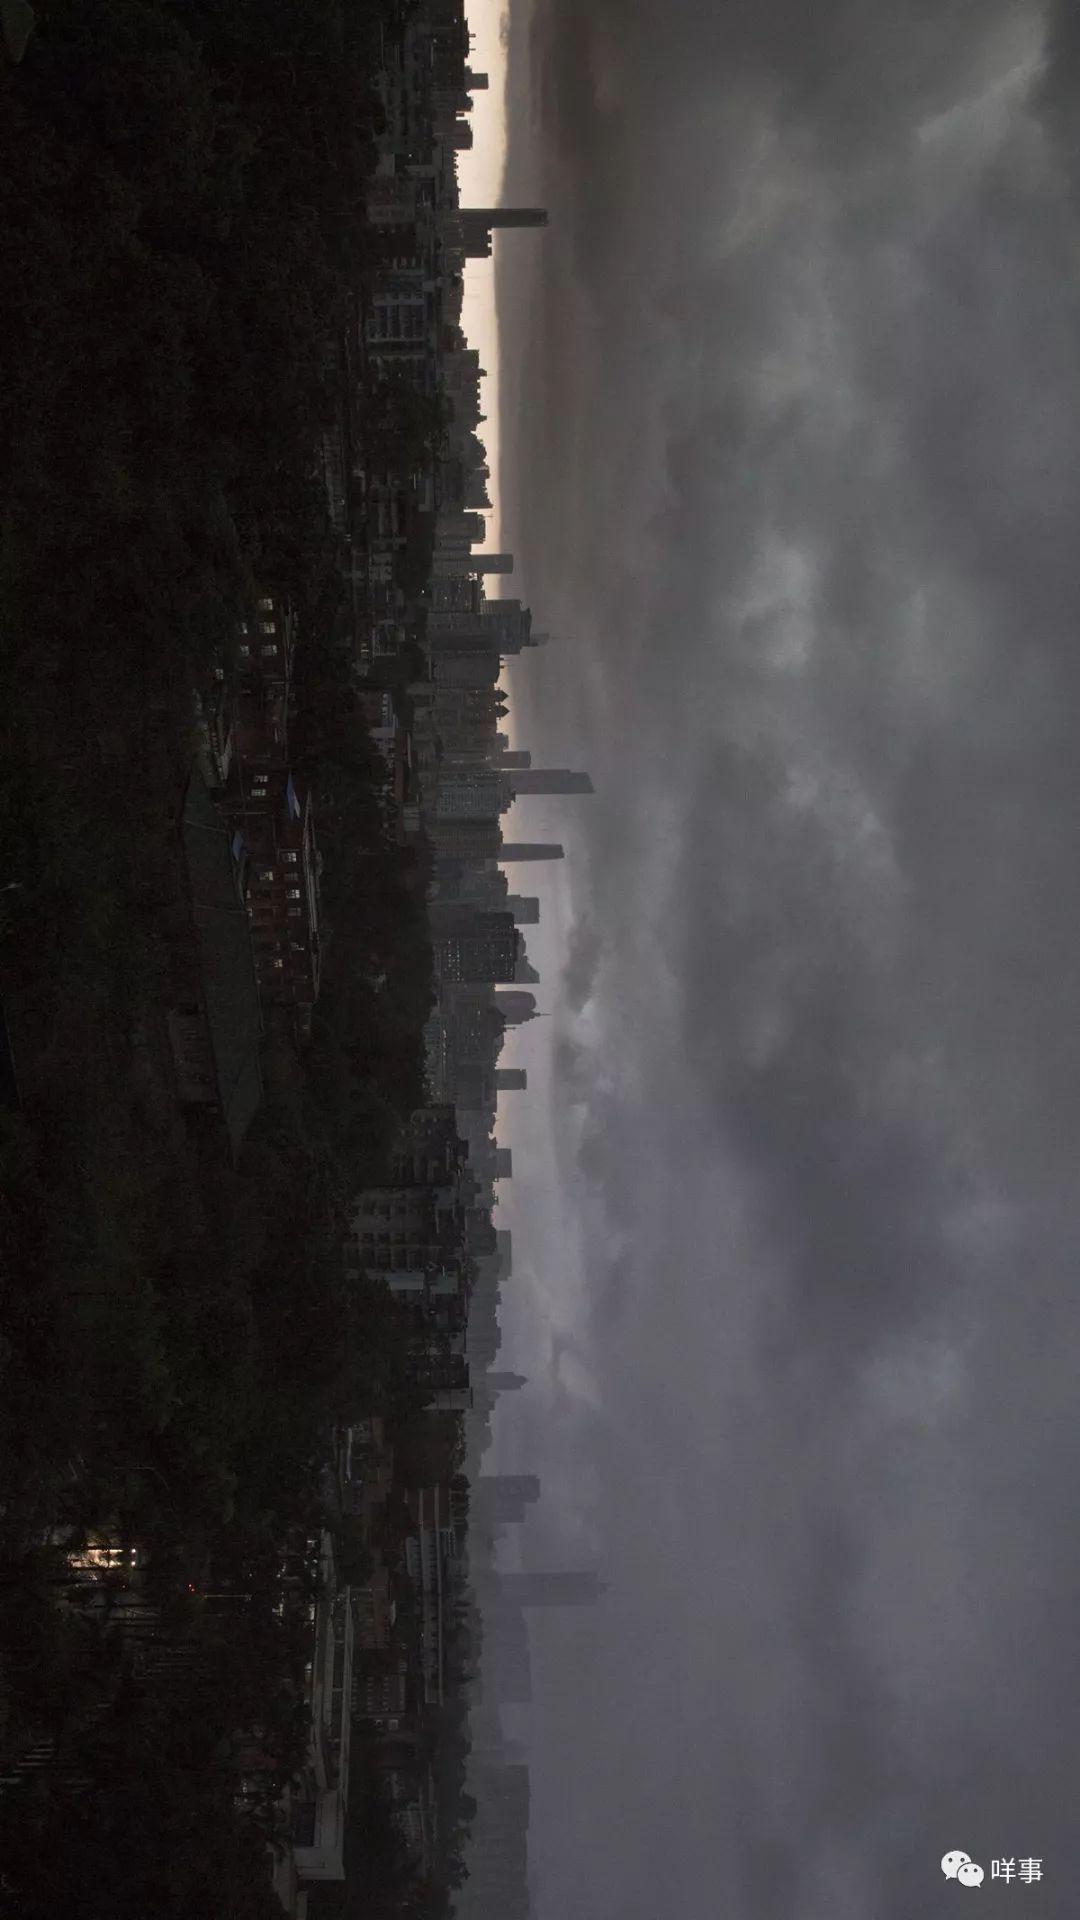 昨晚刷屏的暴雨图片,惊动了广州公安!还炸出一堆戏精……   南都早餐